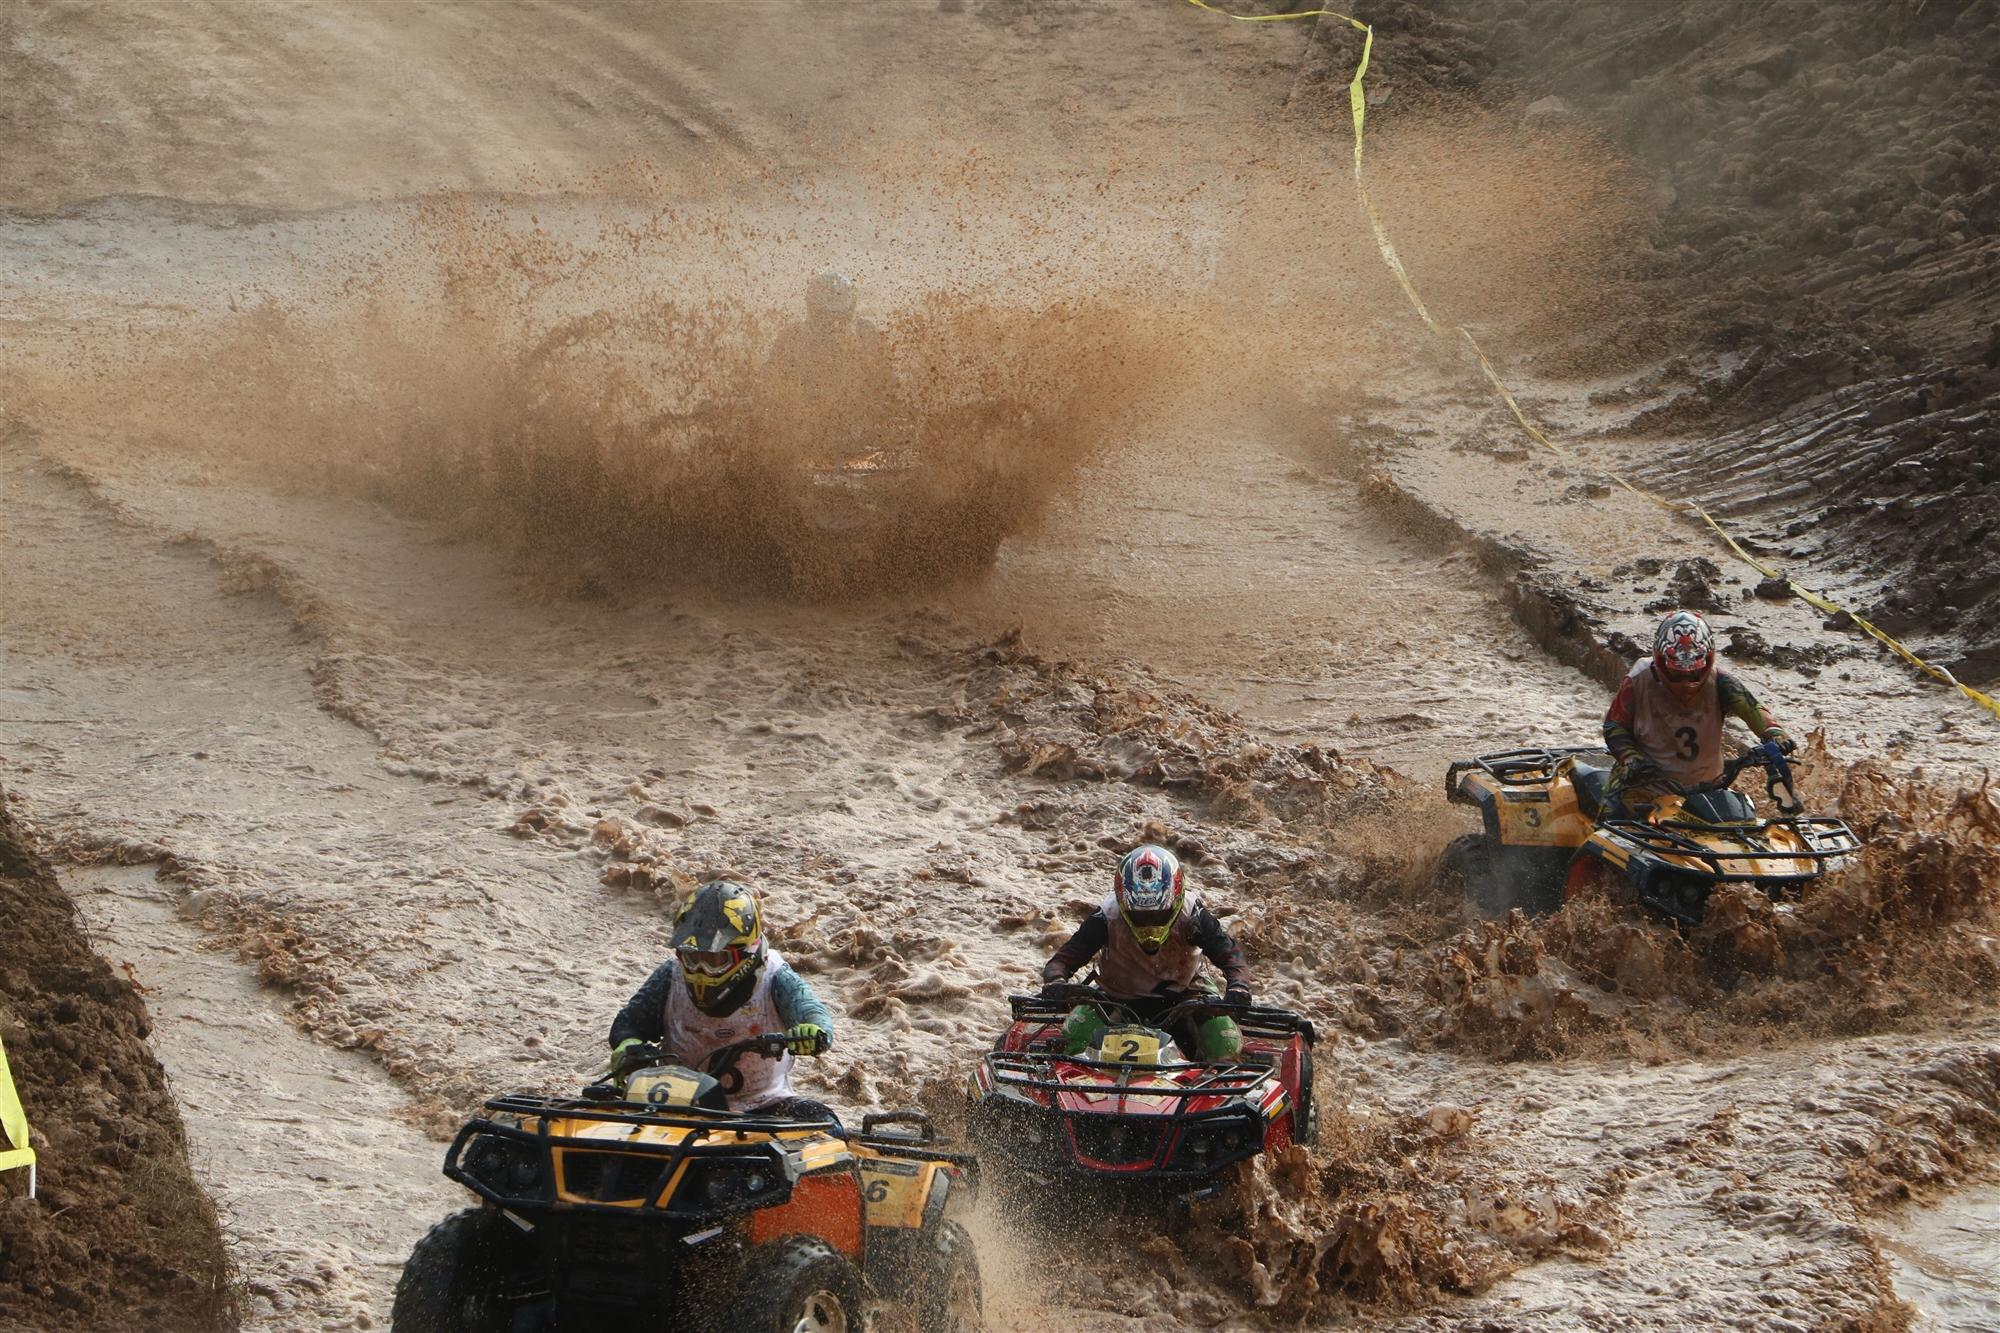 速度与激情!2018中国全地形车锦标赛罗江站赛场精彩瞬间